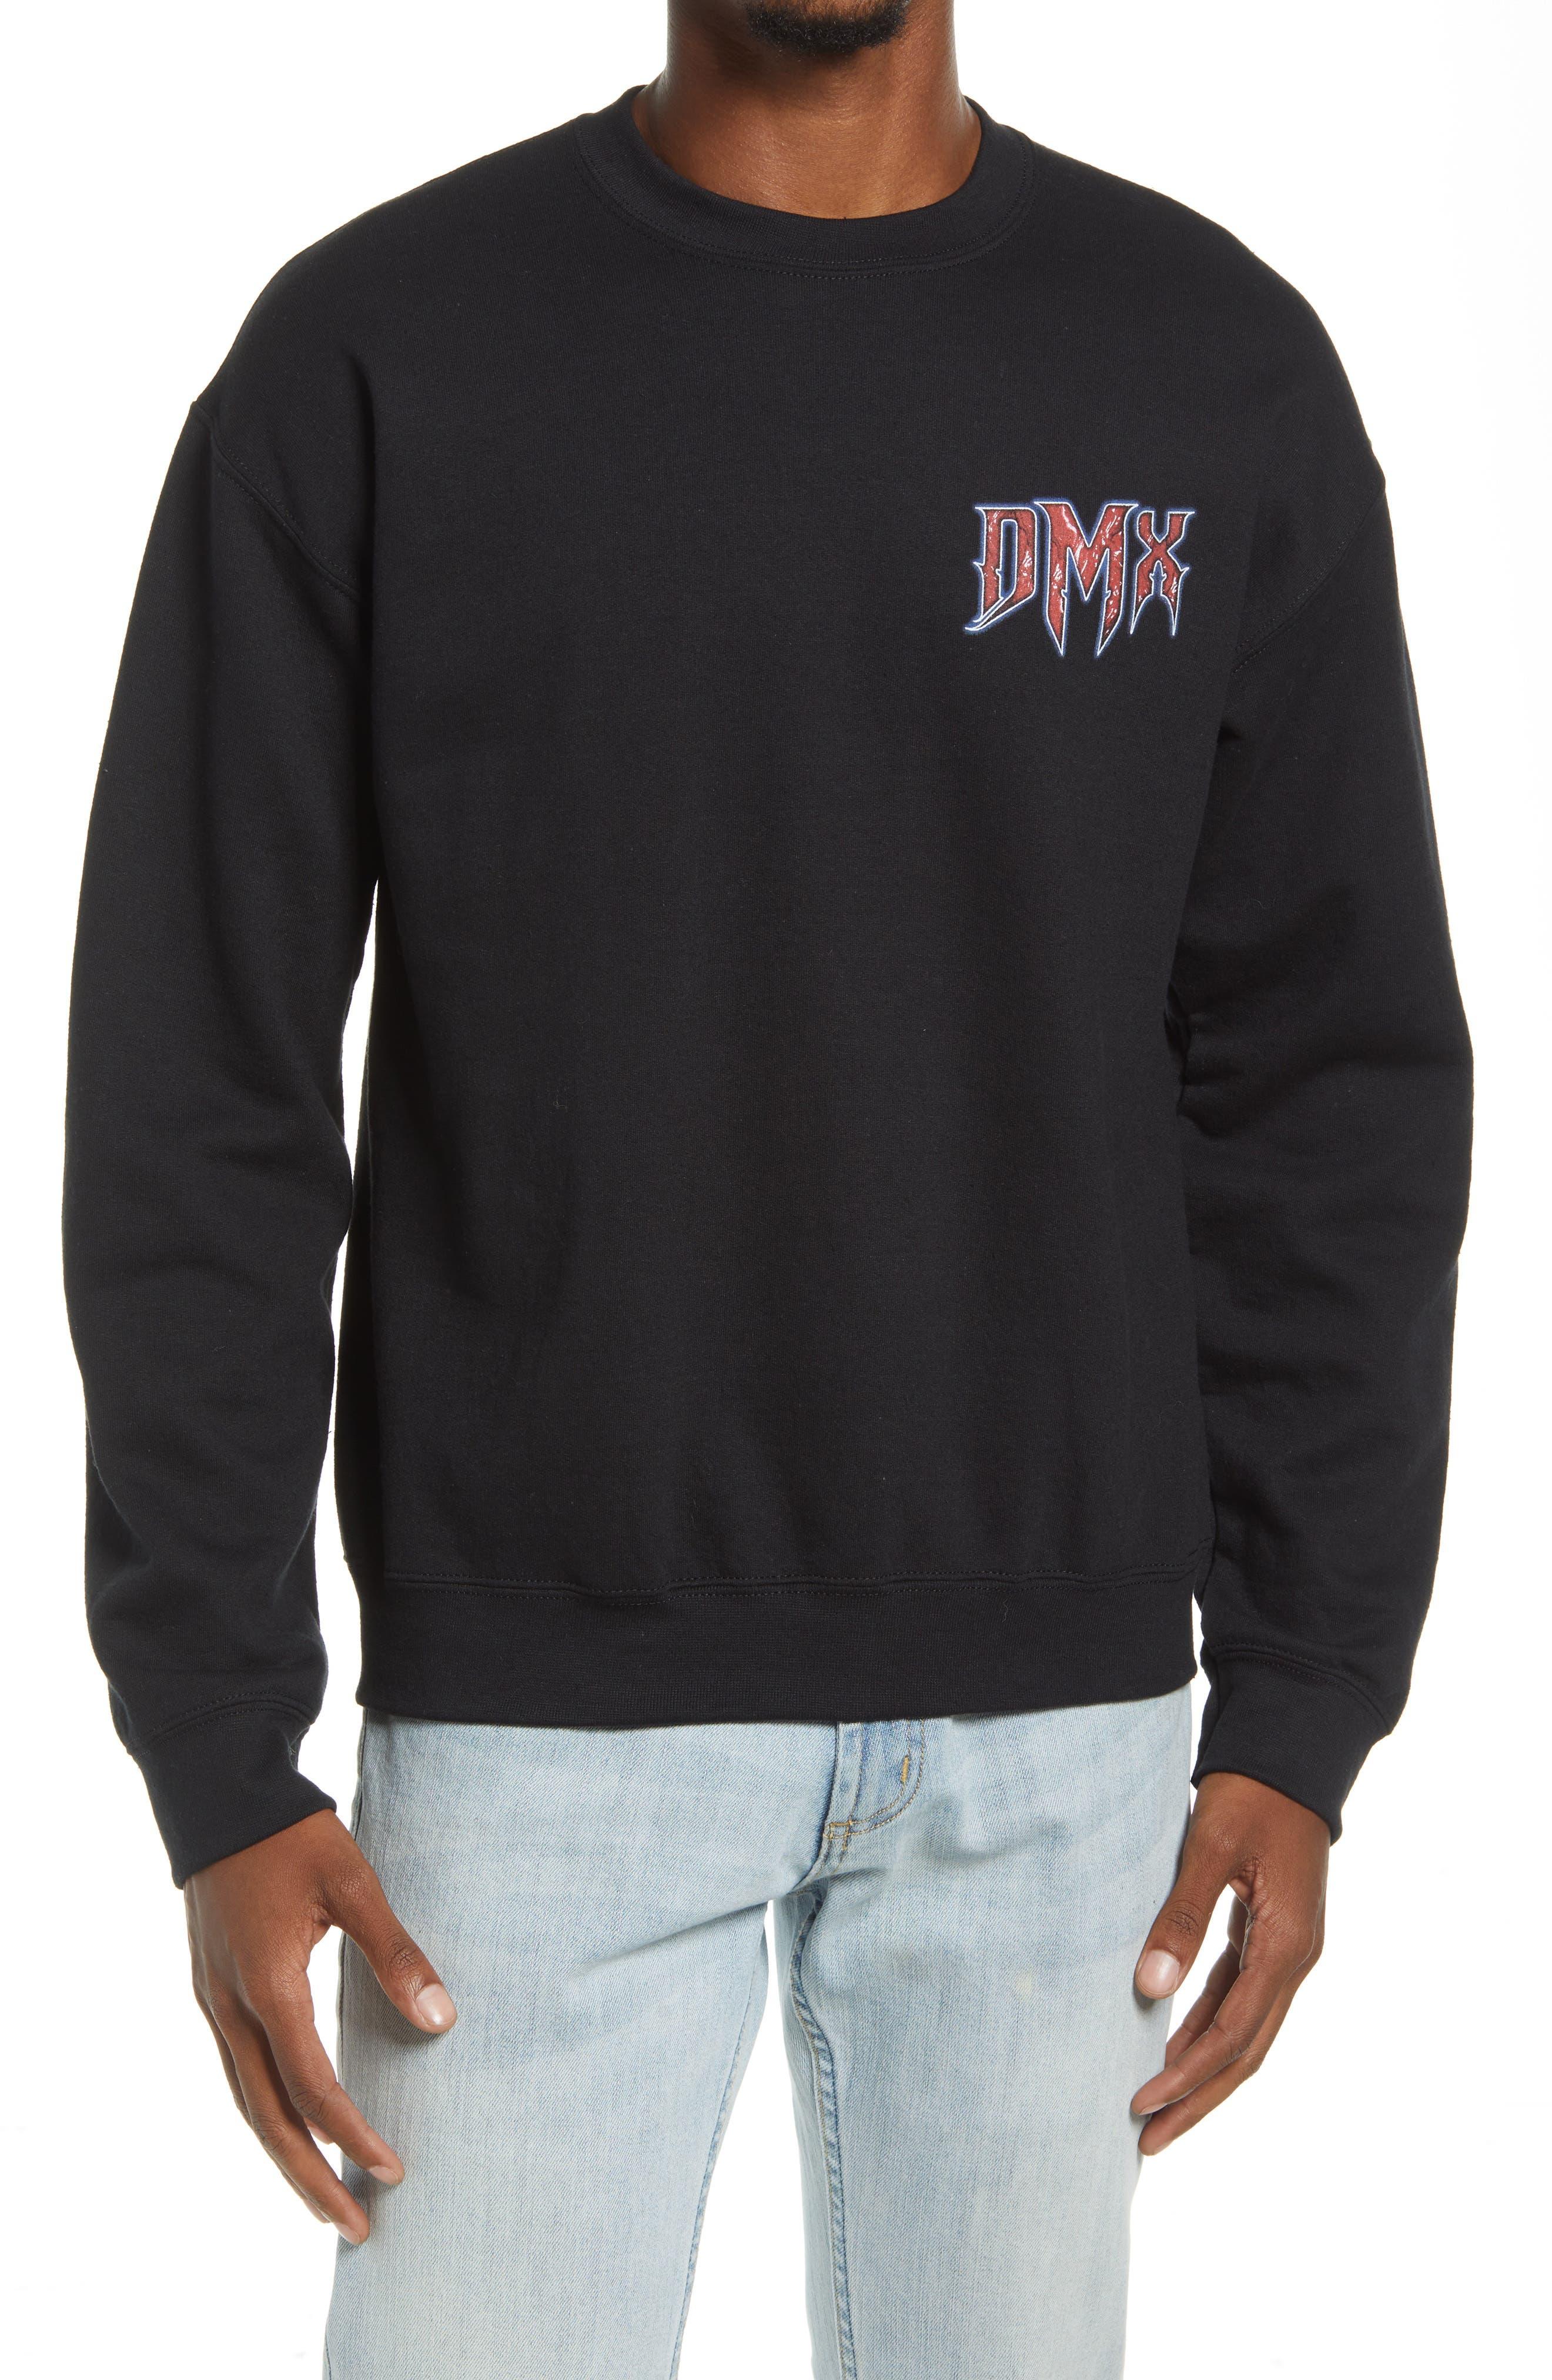 Dmx Graphic Sweatshirt